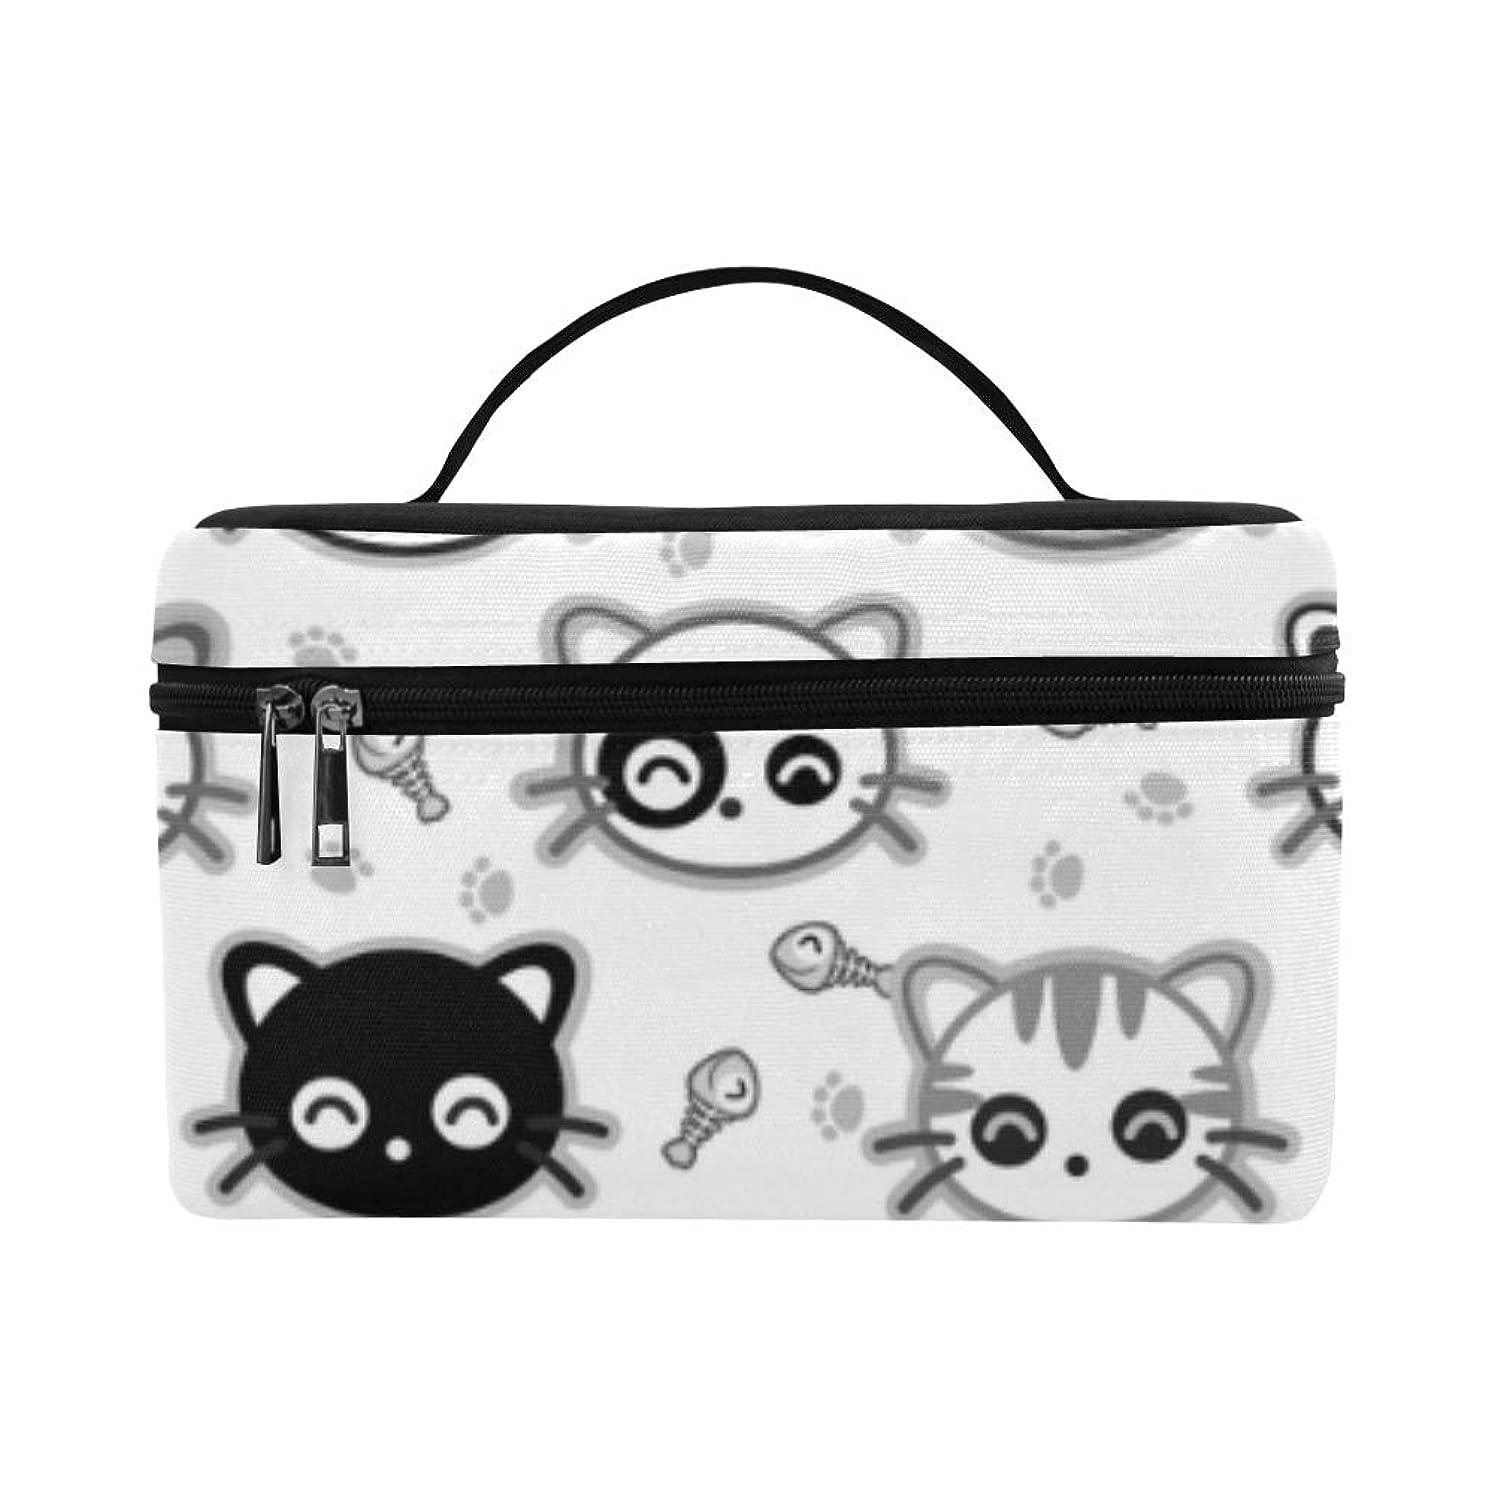 ヒギンズ幹膨らませるCKYHYC メイクボックス 面白い グレー猫 コスメ収納 化粧品収納ケース 大容量 収納ボックス 化粧品入れ 化粧バッグ 旅行用 メイクブラシバッグ 化粧箱 持ち運び便利 プロ用